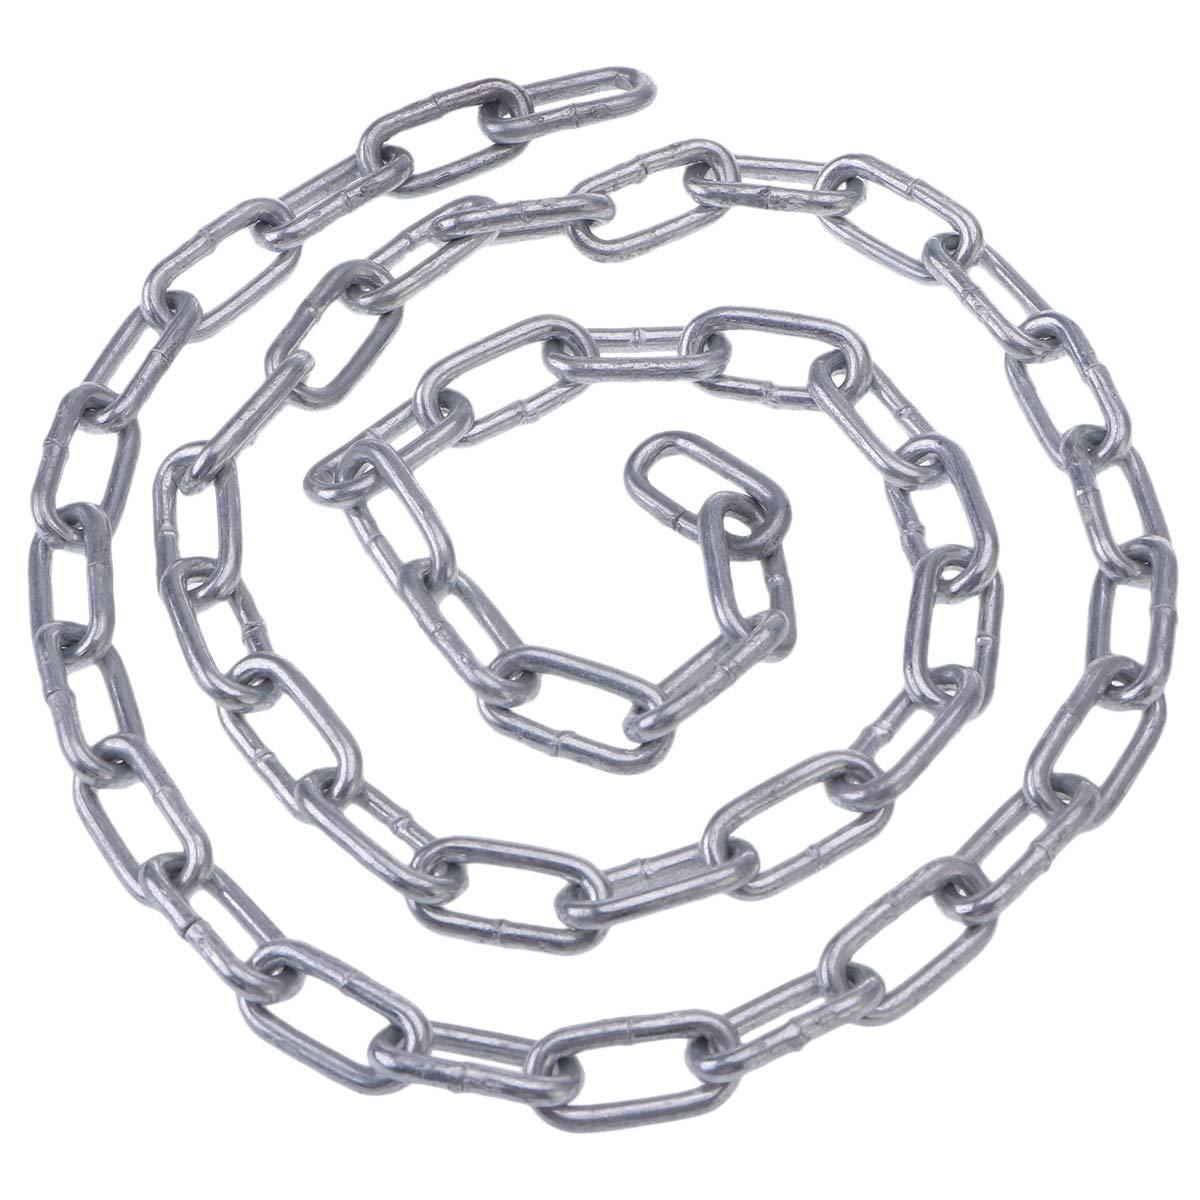 Yardwe Catena a Spirale Rinforzata con Rivestimento in Acciaio al Carbonio Catena zincata